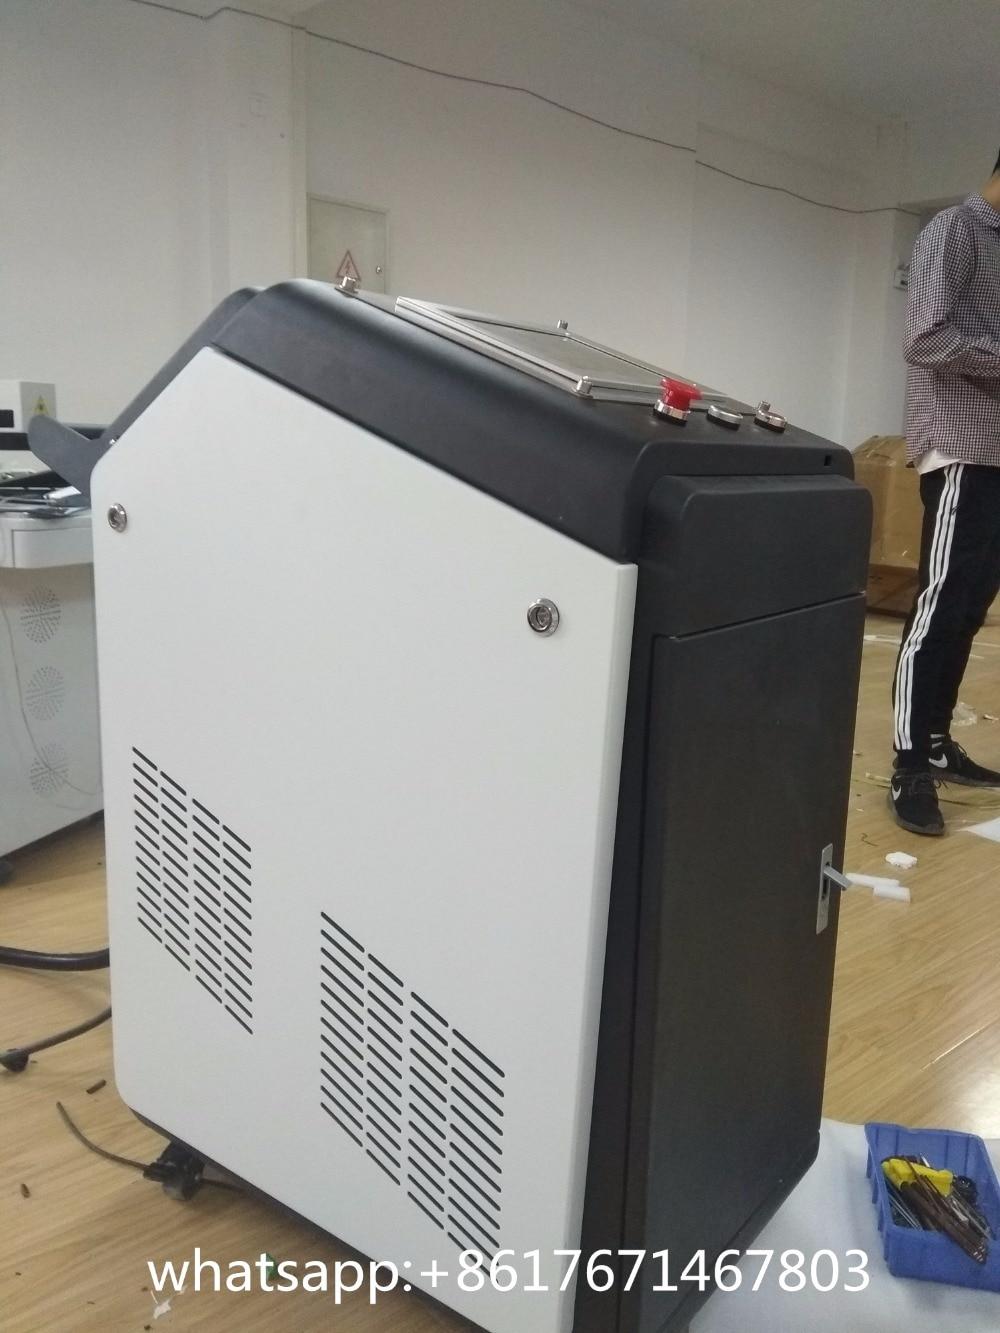 Сделано в Китае Хорошее качество 200 Вт 500 Вт волокно лазерная машина для чистки для удаления краски/лазерный удаления ржавчины